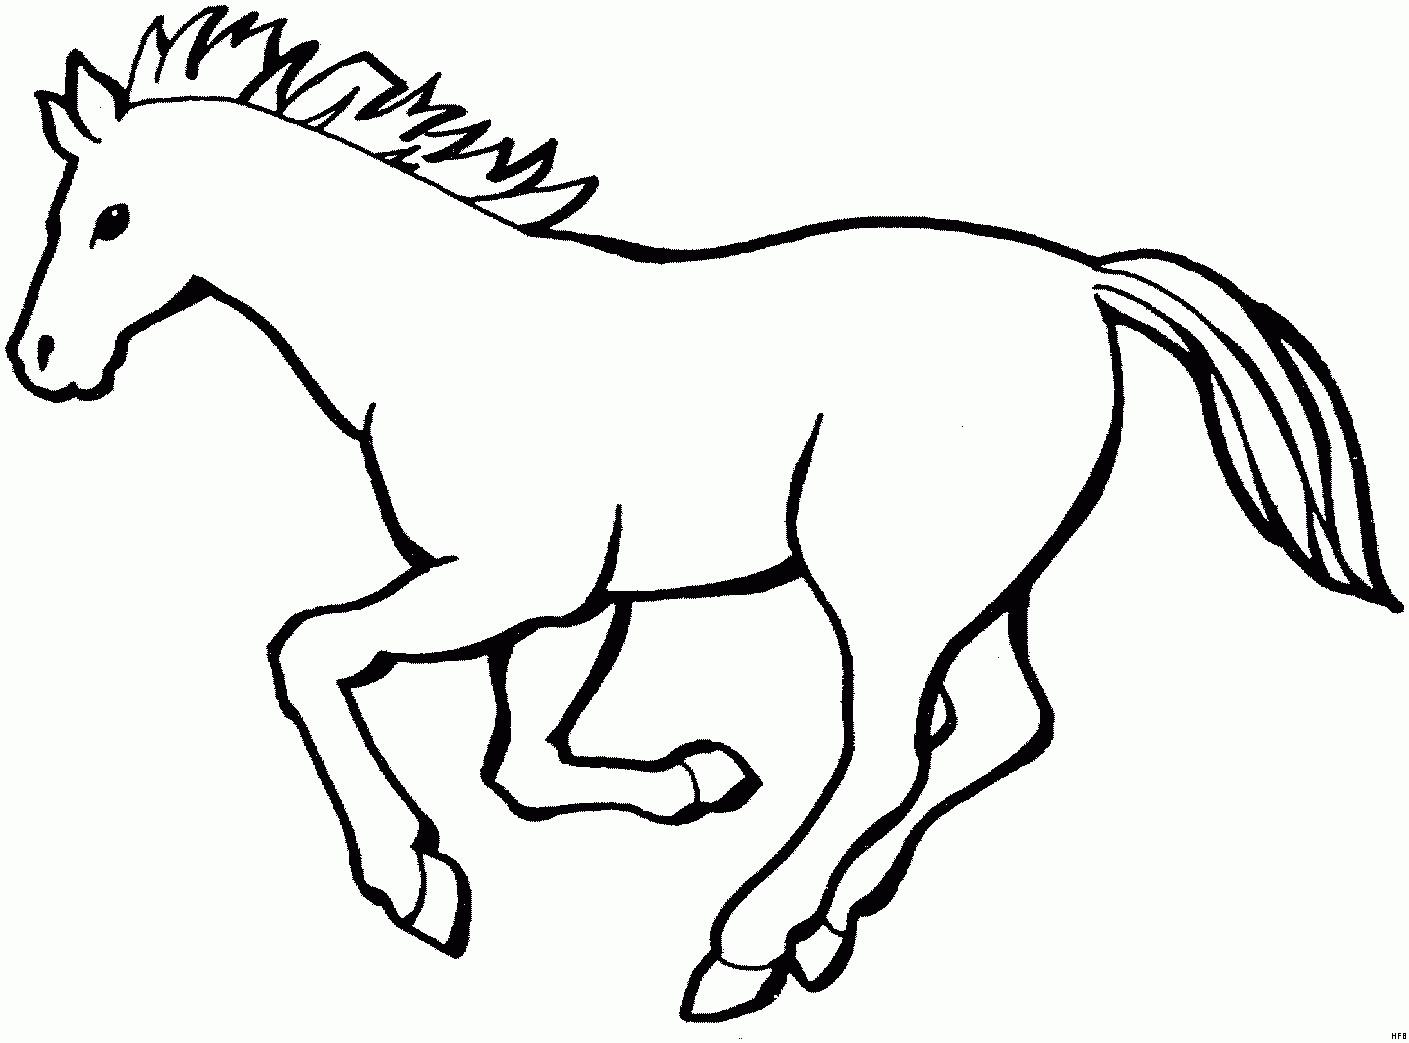 Ausmalbilder Pferd  Ausmalbilder Pferde Kostenlos Ausdrucken